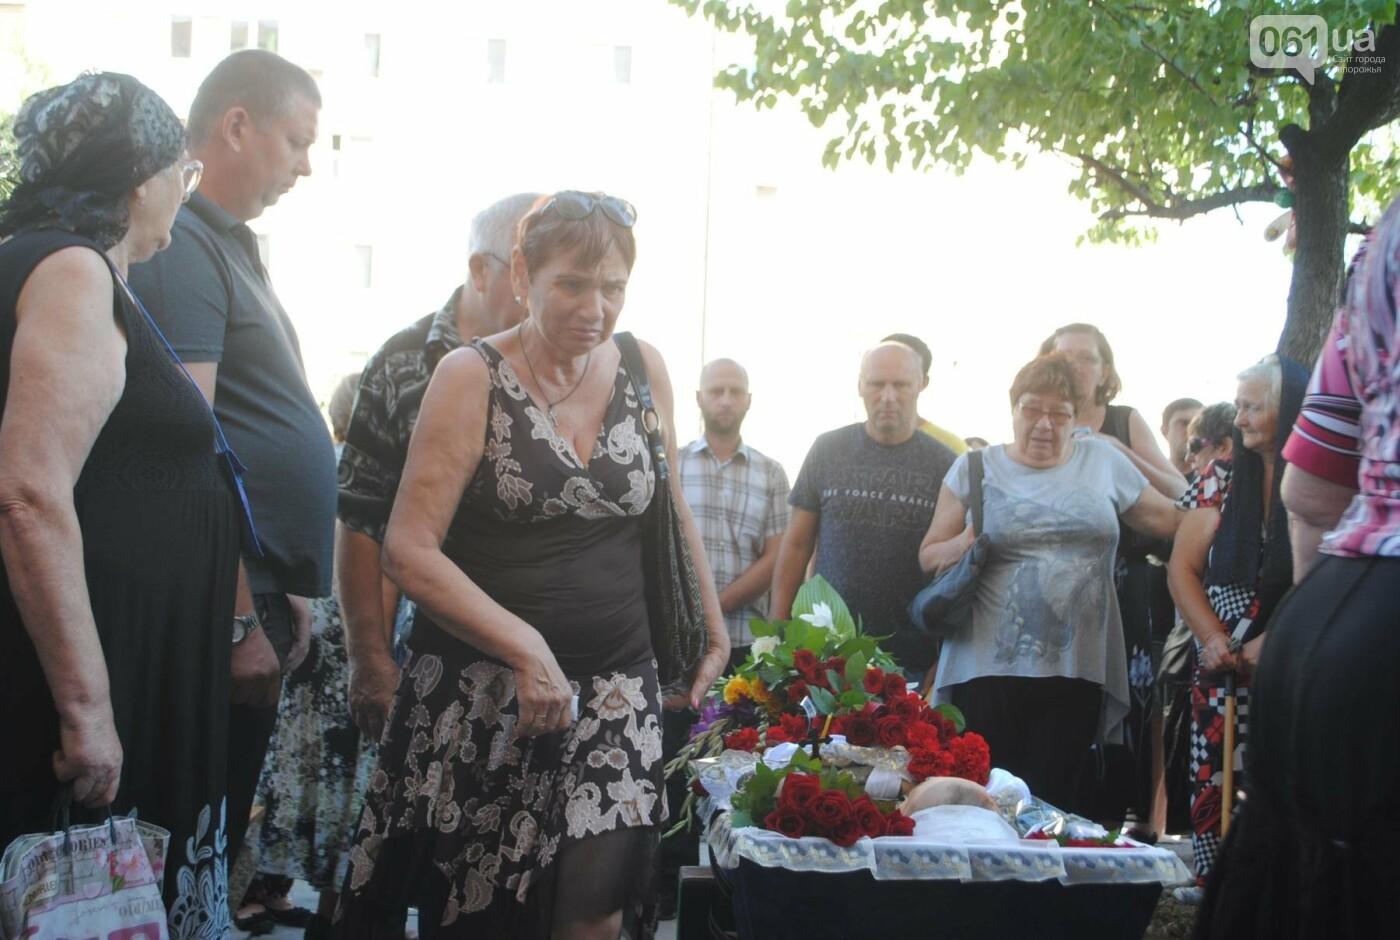 В Запорожье простились с военным, погибшим в бою, - ФОТОРЕПОРТАЖ, фото-4